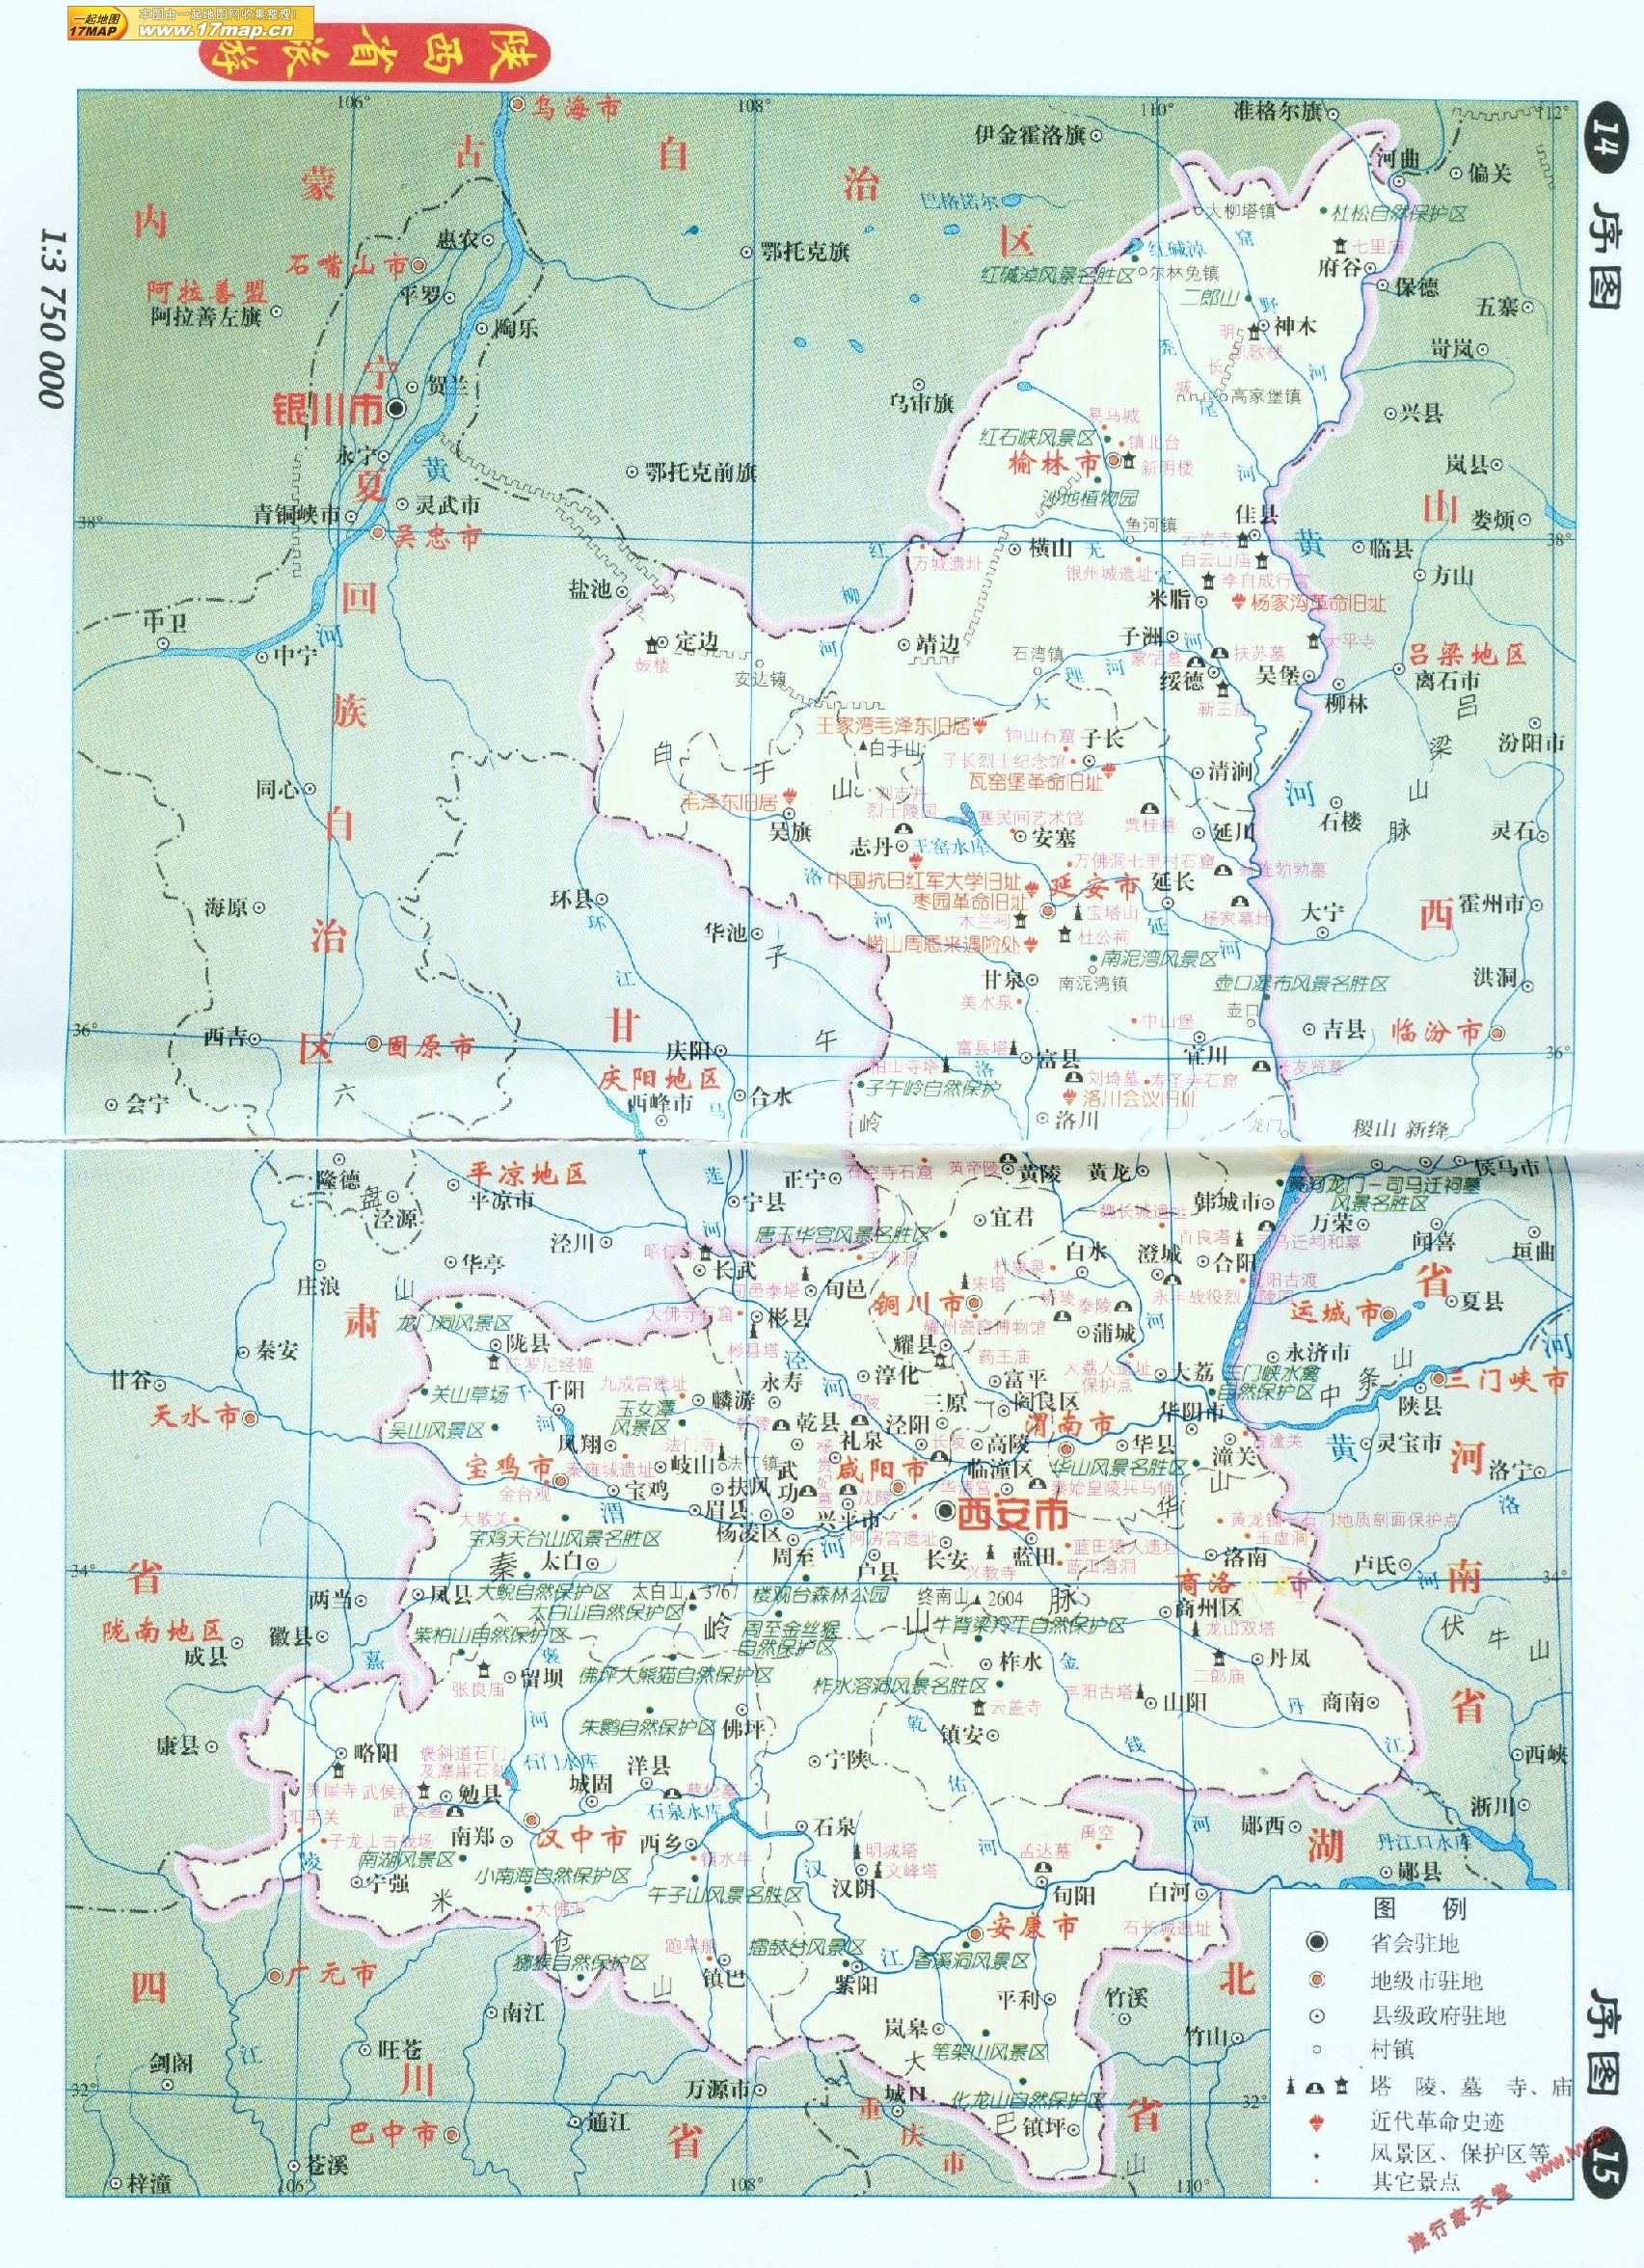 陝西省詳細ガイド地図